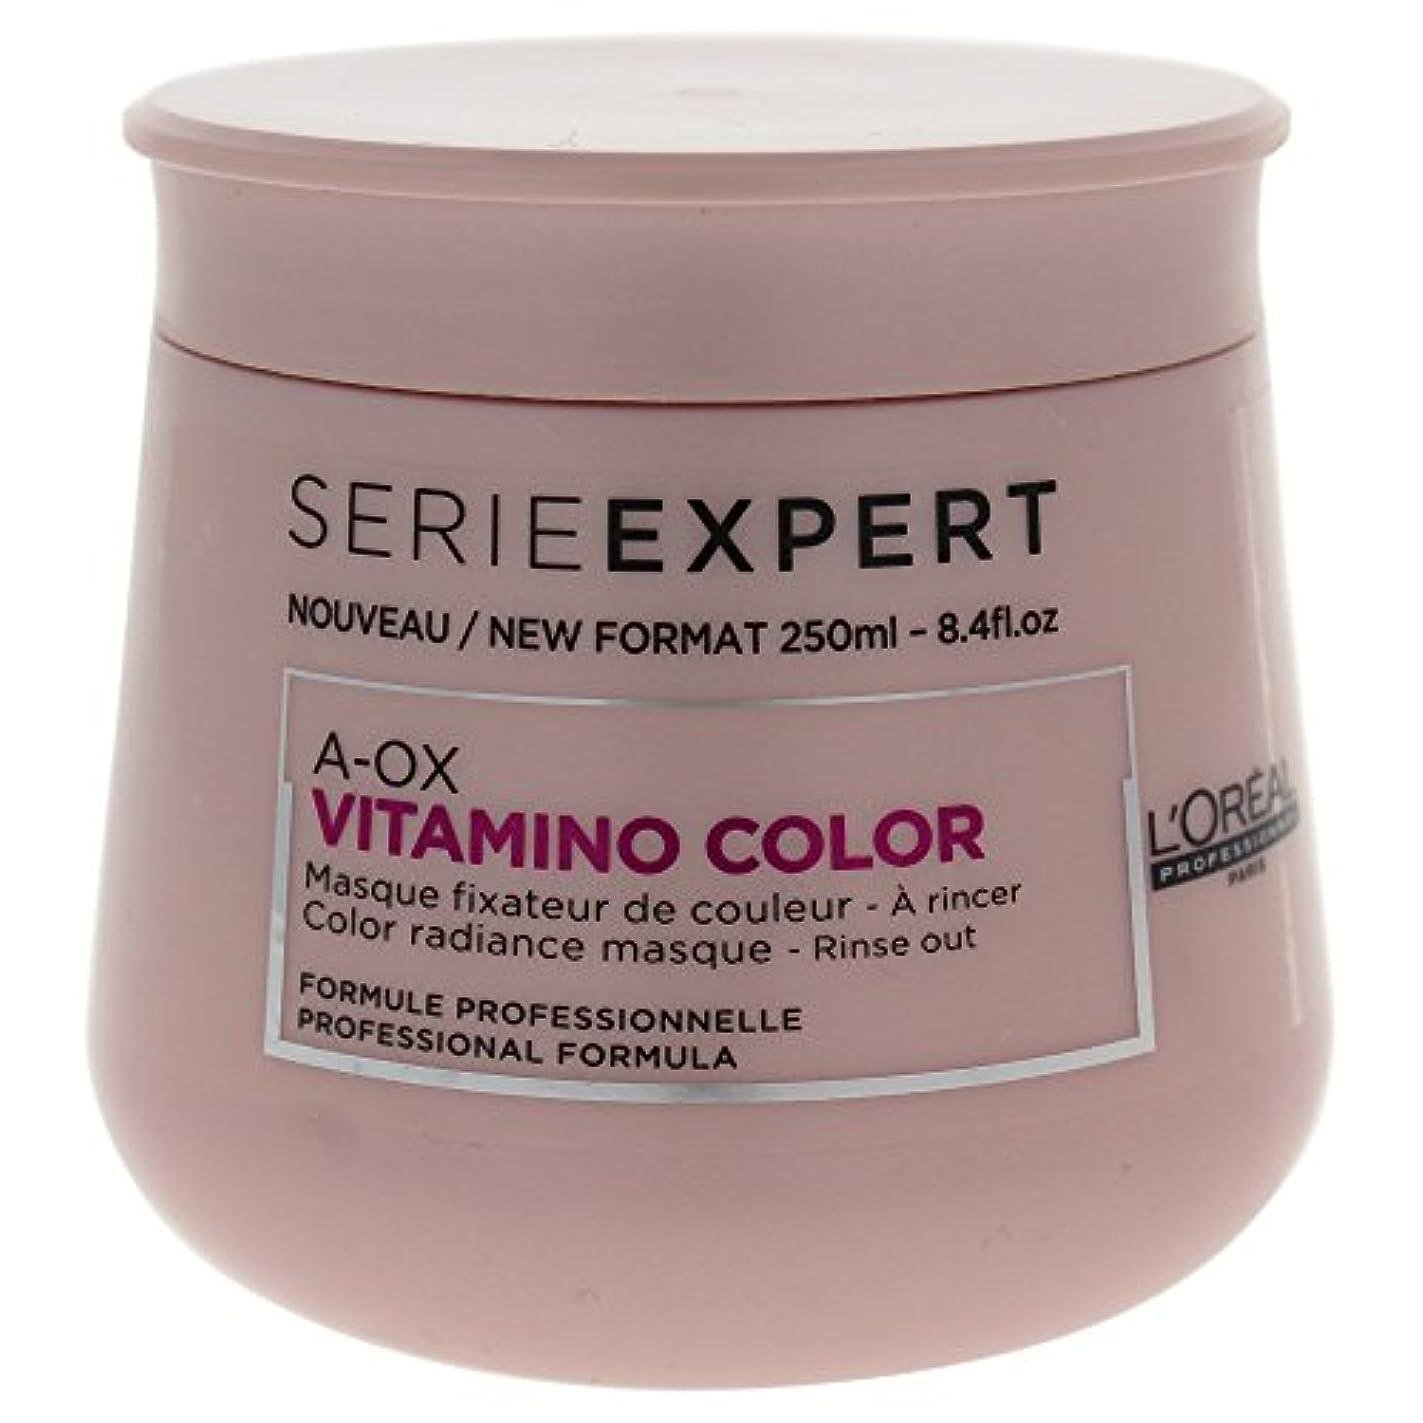 歴史家津波残忍なL'Oreal Serie Expert A-OX VITAMINO COLOR Color Radiance Masque 250 ml [並行輸入品]